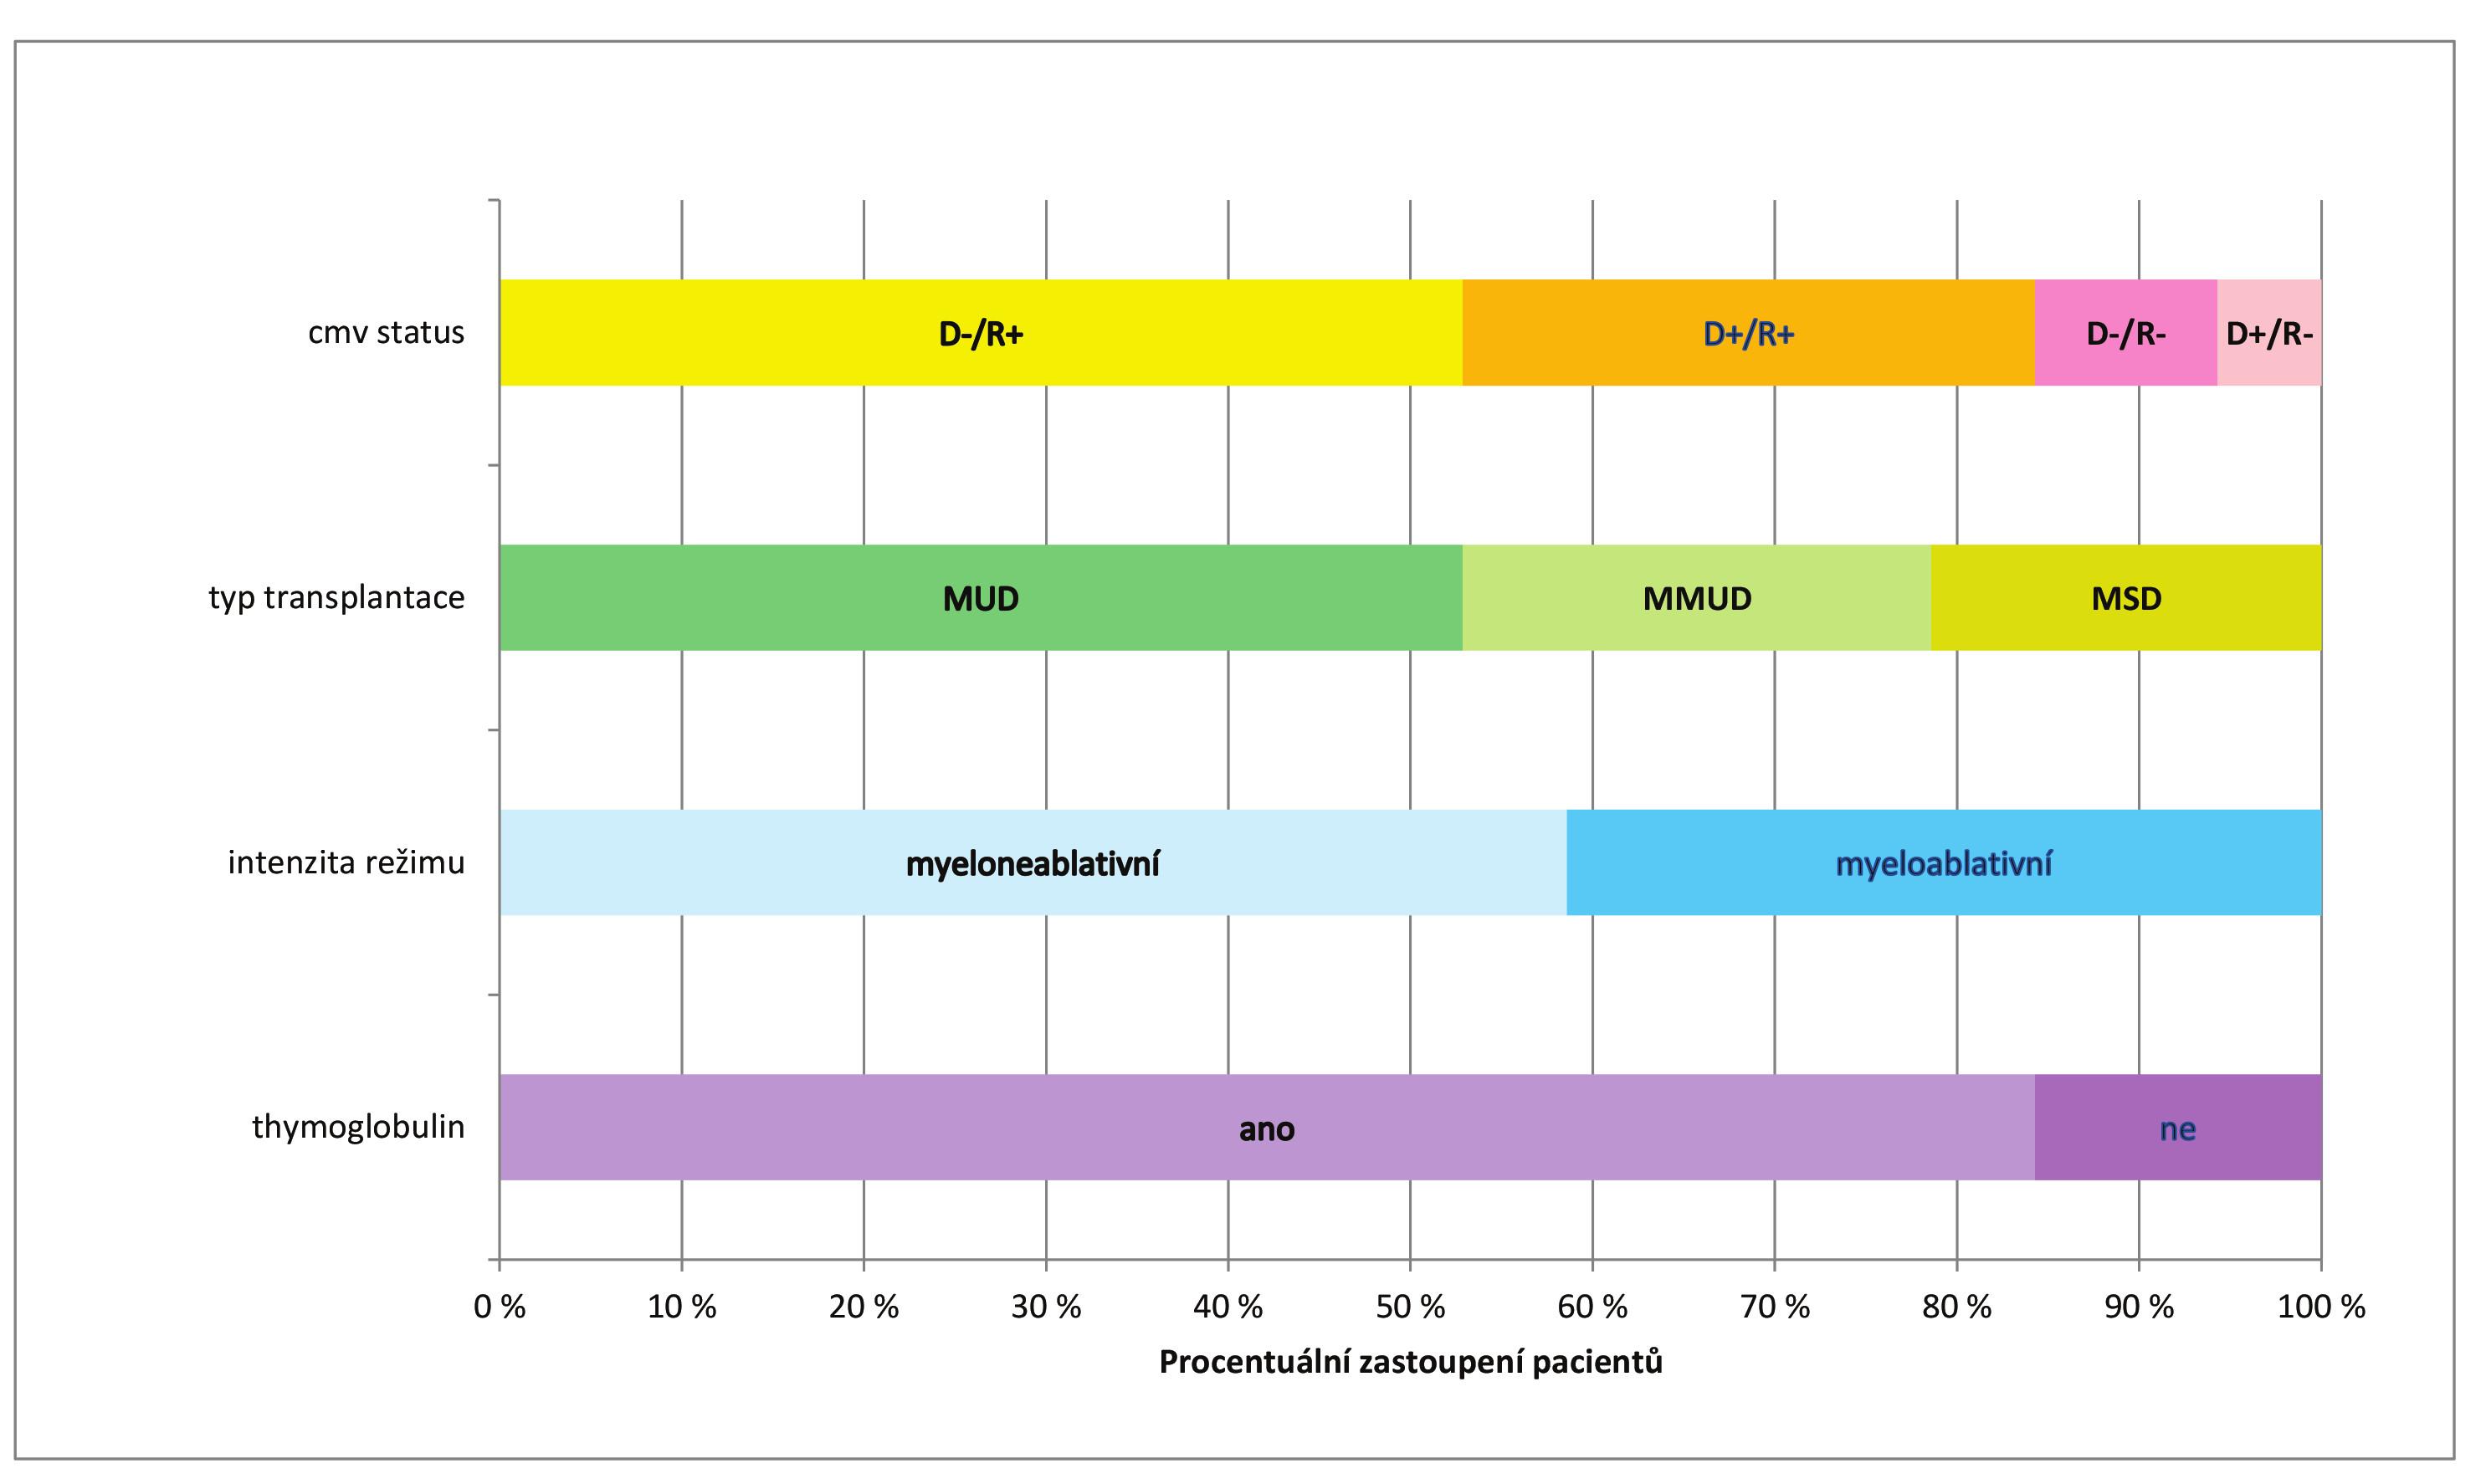 Charakteristika pacientského souboru Fig. 3. Characteristics of study patients